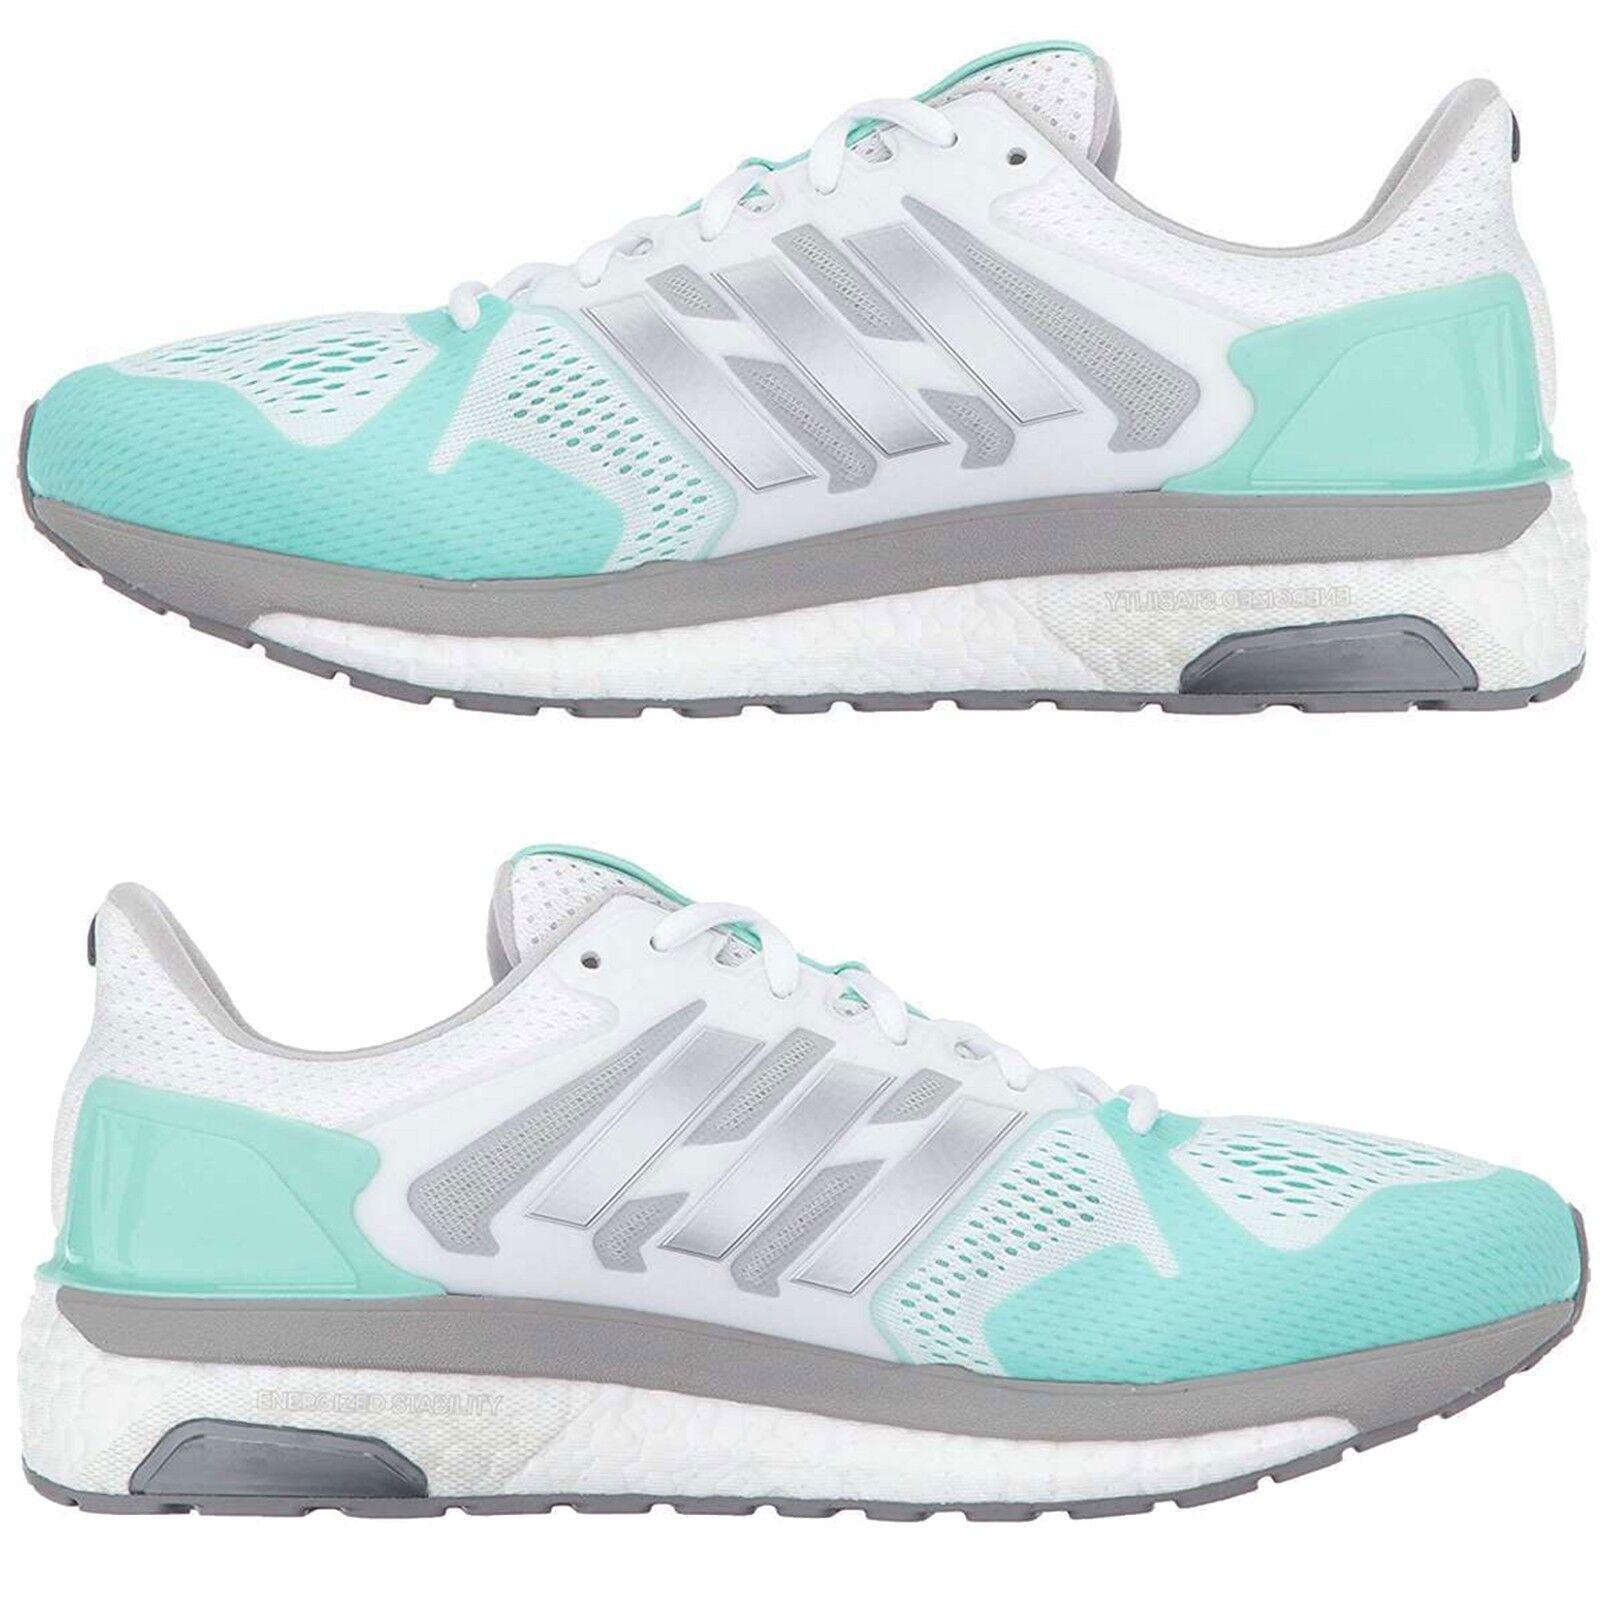 Nuevas Adidas para mujeres Tenis Deportivas Supernova St Correr Entrenamiento Entrenamiento Entrenamiento Calzado blancoo  Con precio barato para obtener la mejor marca.